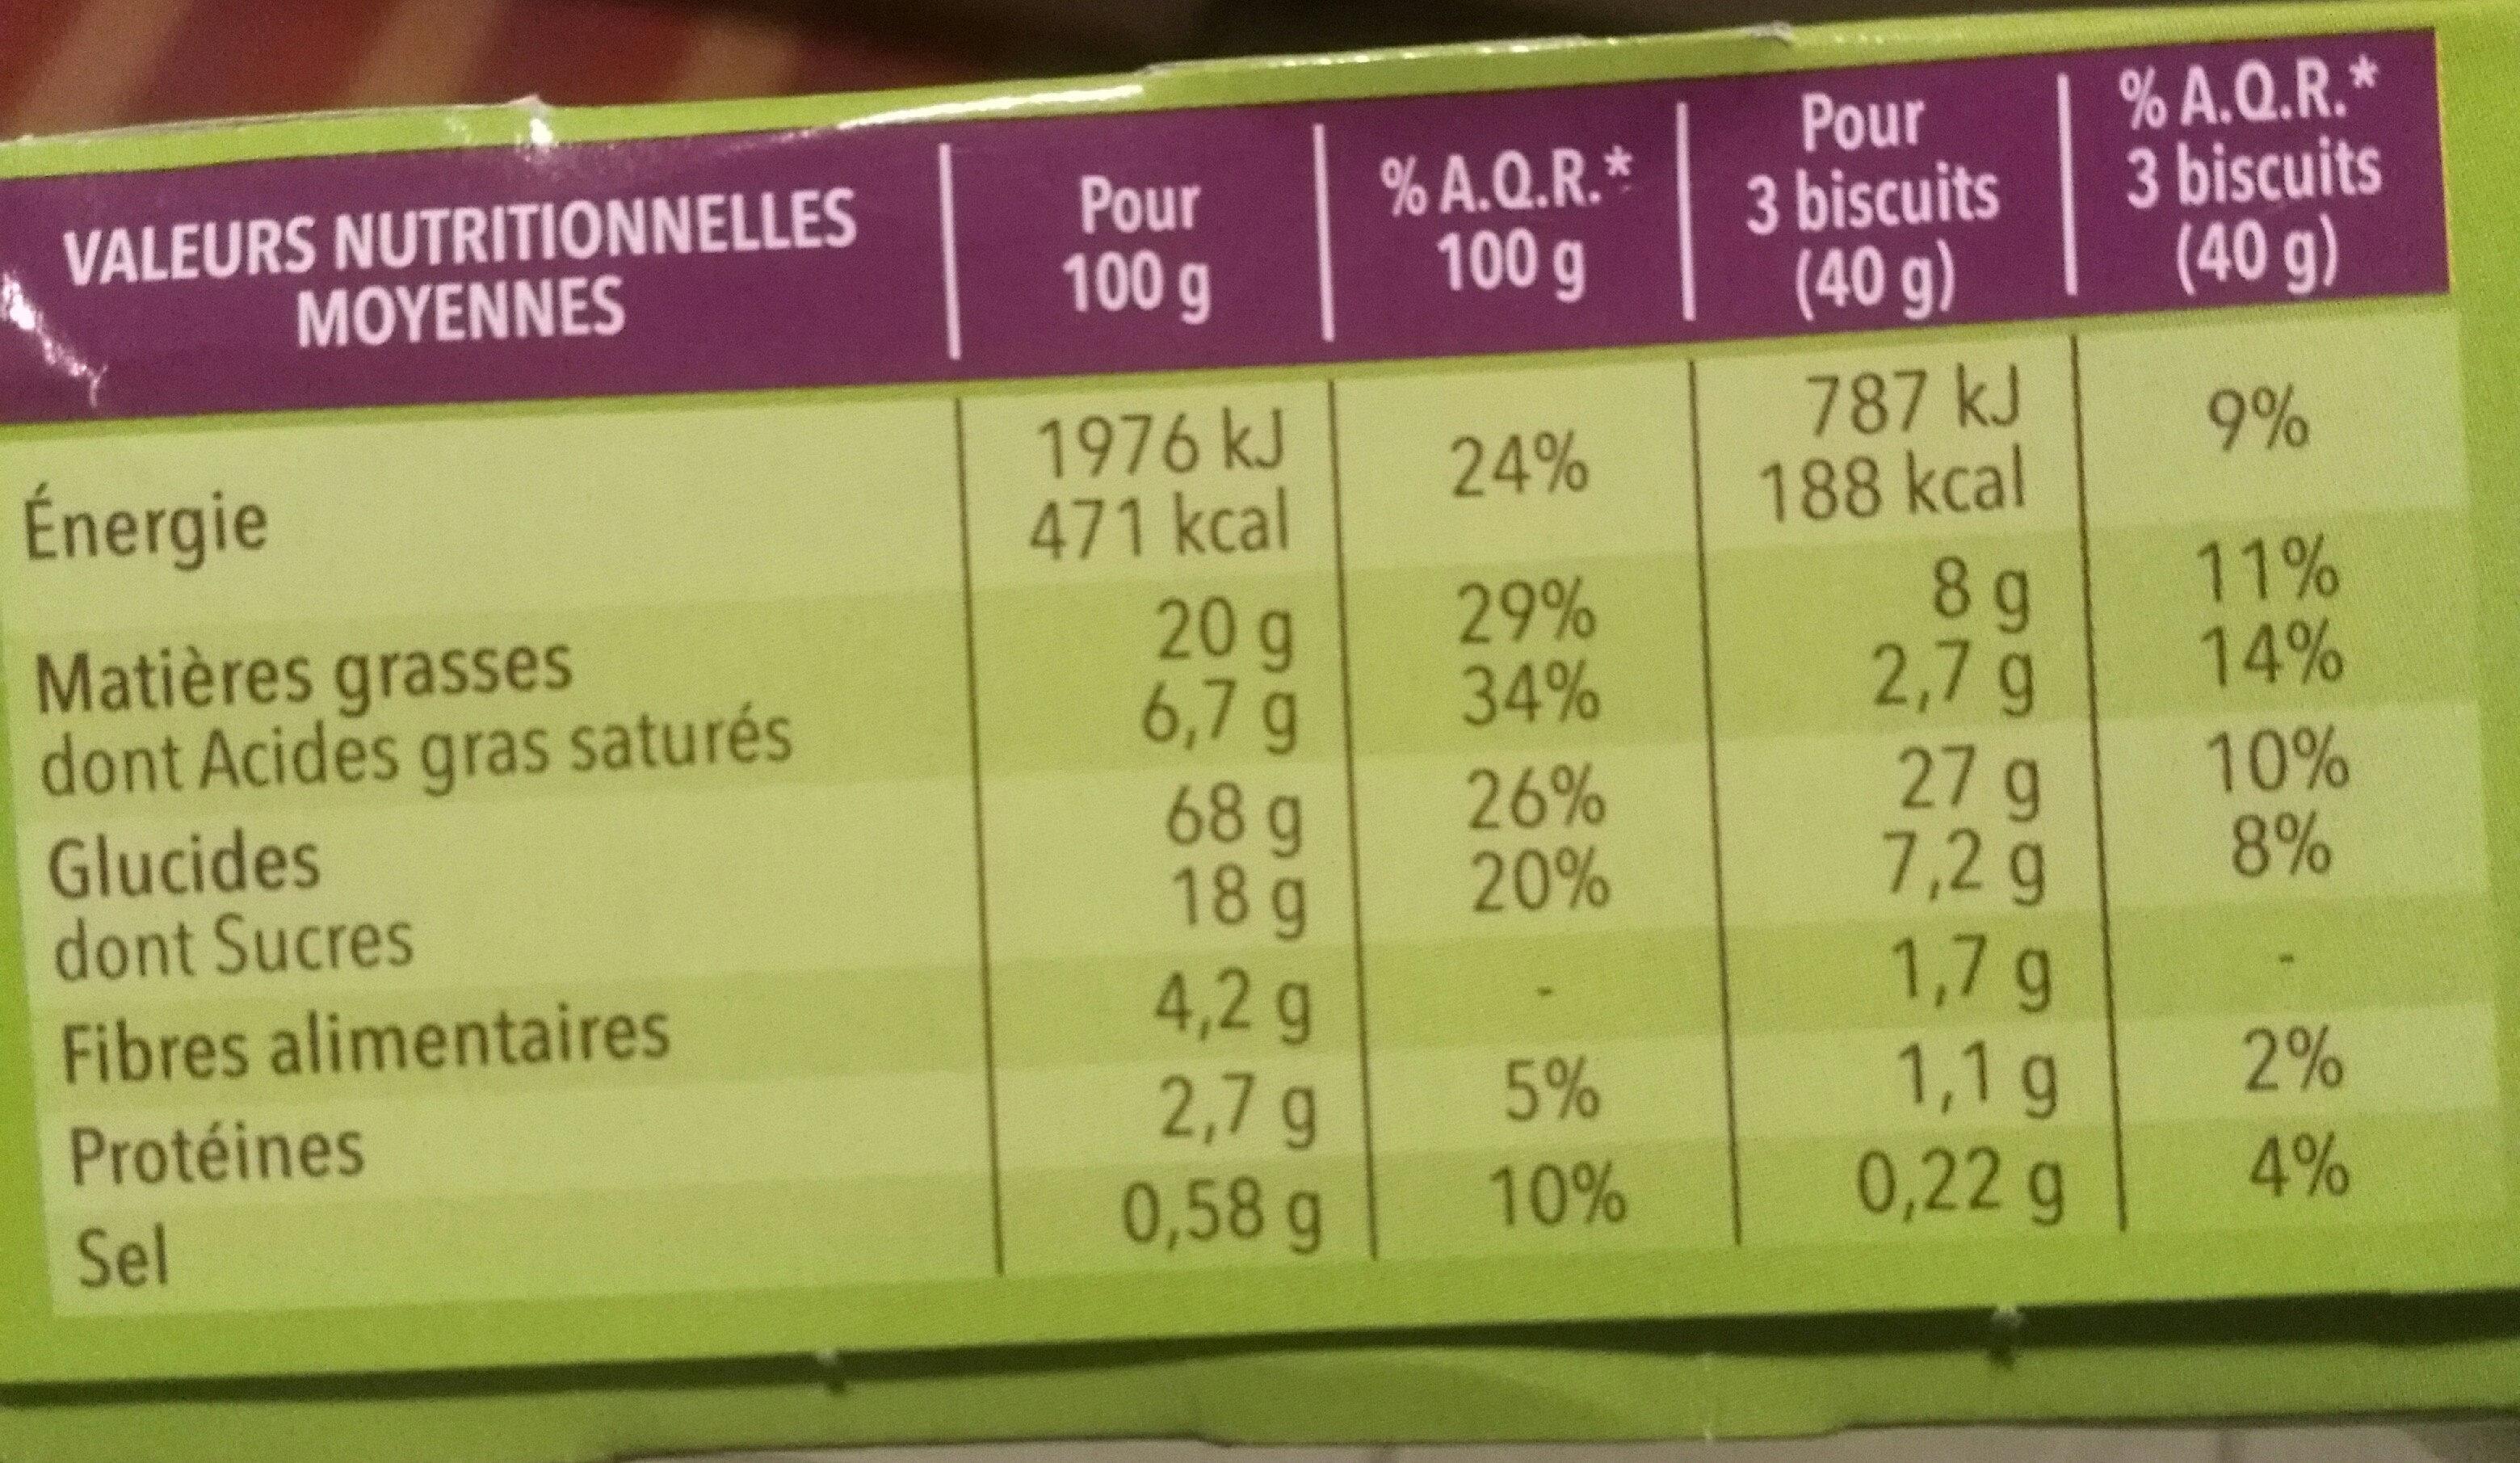 Biscuit coco citron - Voedingswaarden - fr